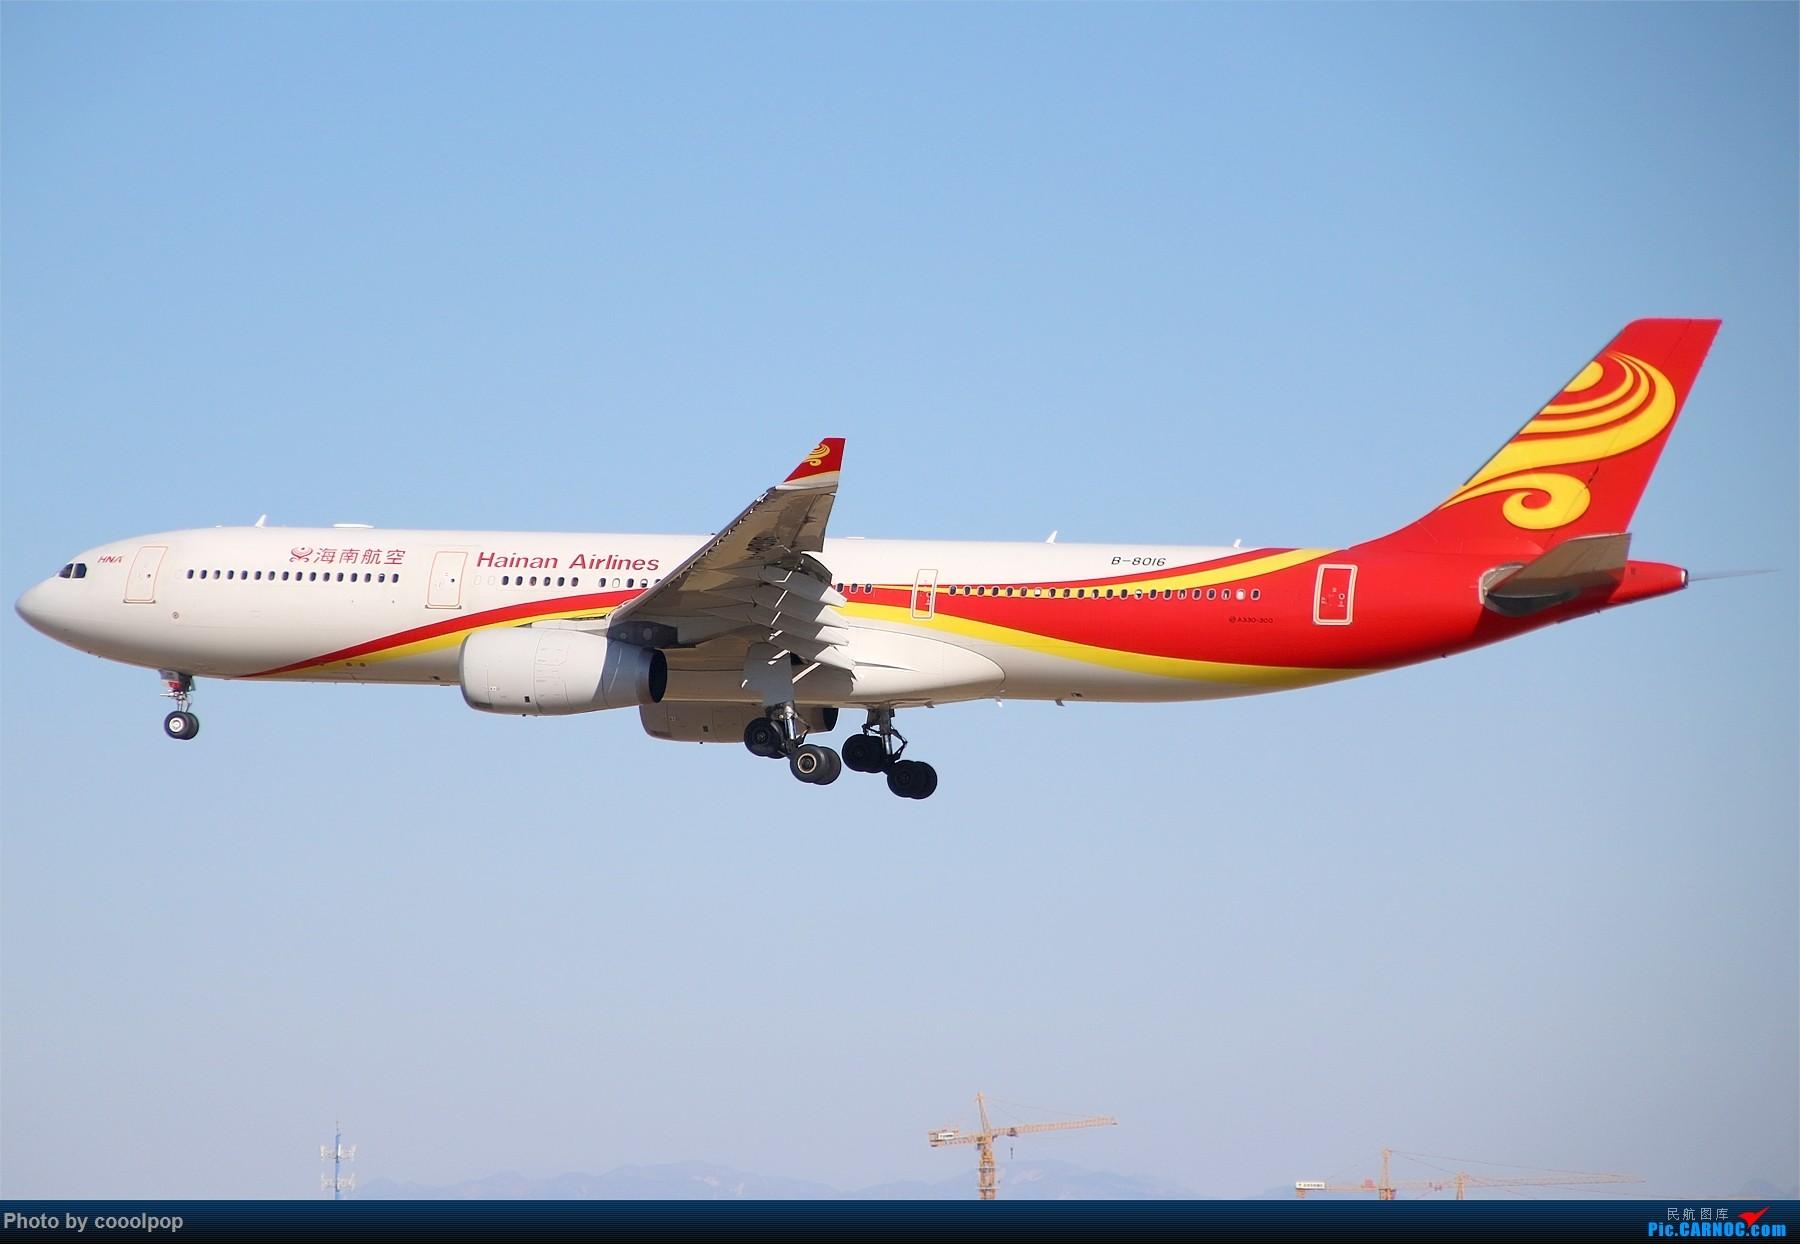 Re:[原创]PEK T3 桥上的一些大鸟!牌彩绘是要拼人品哒! AIRBUS A330-300 B-8016 中国北京首都国际机场